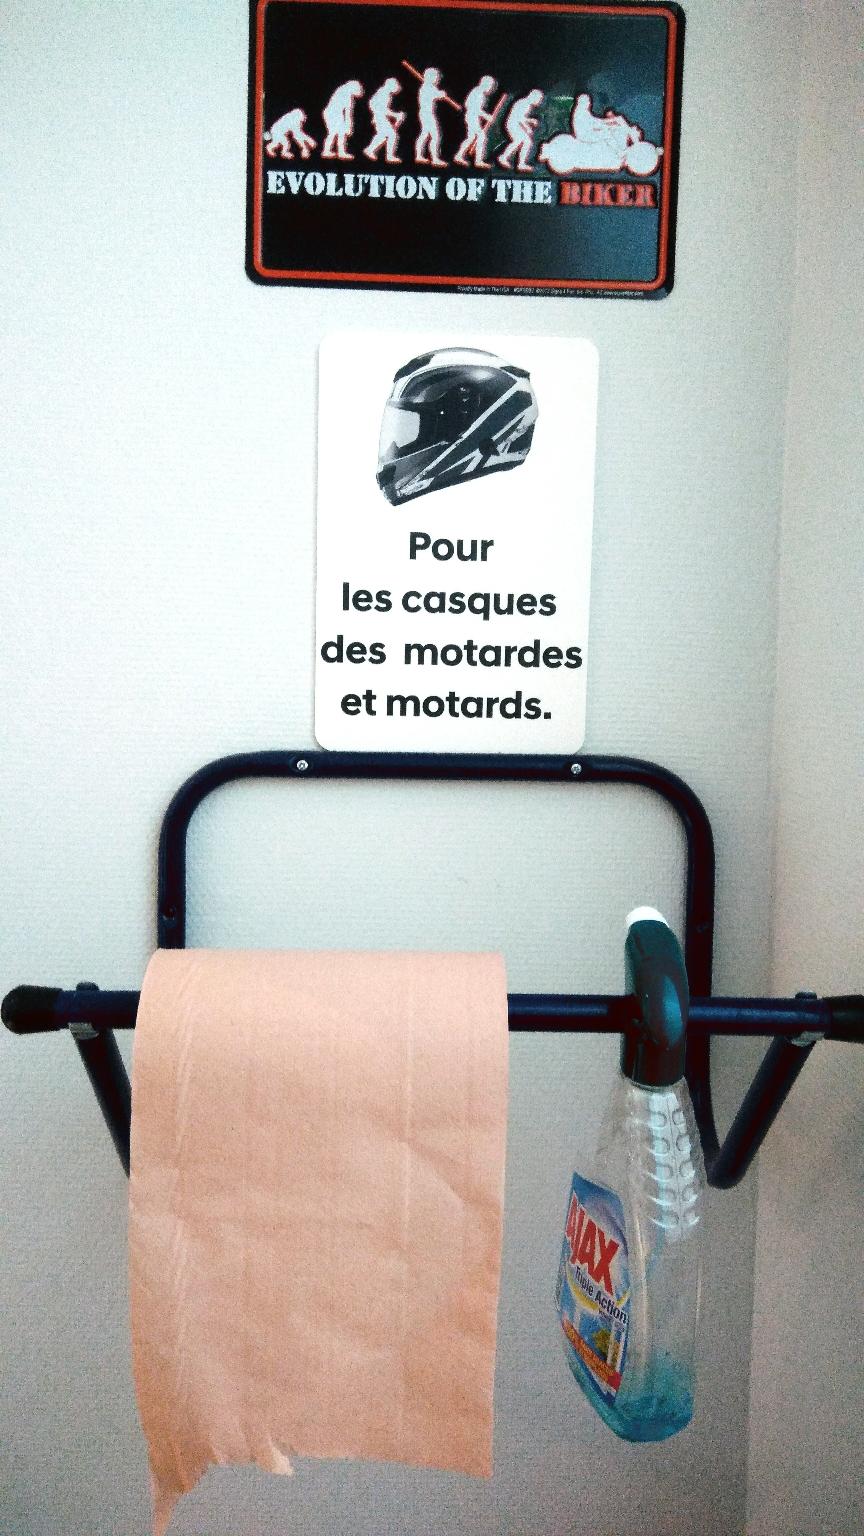 Wie bikerfreundlich die Franzosen sind, zeigt wohl dieses Bild